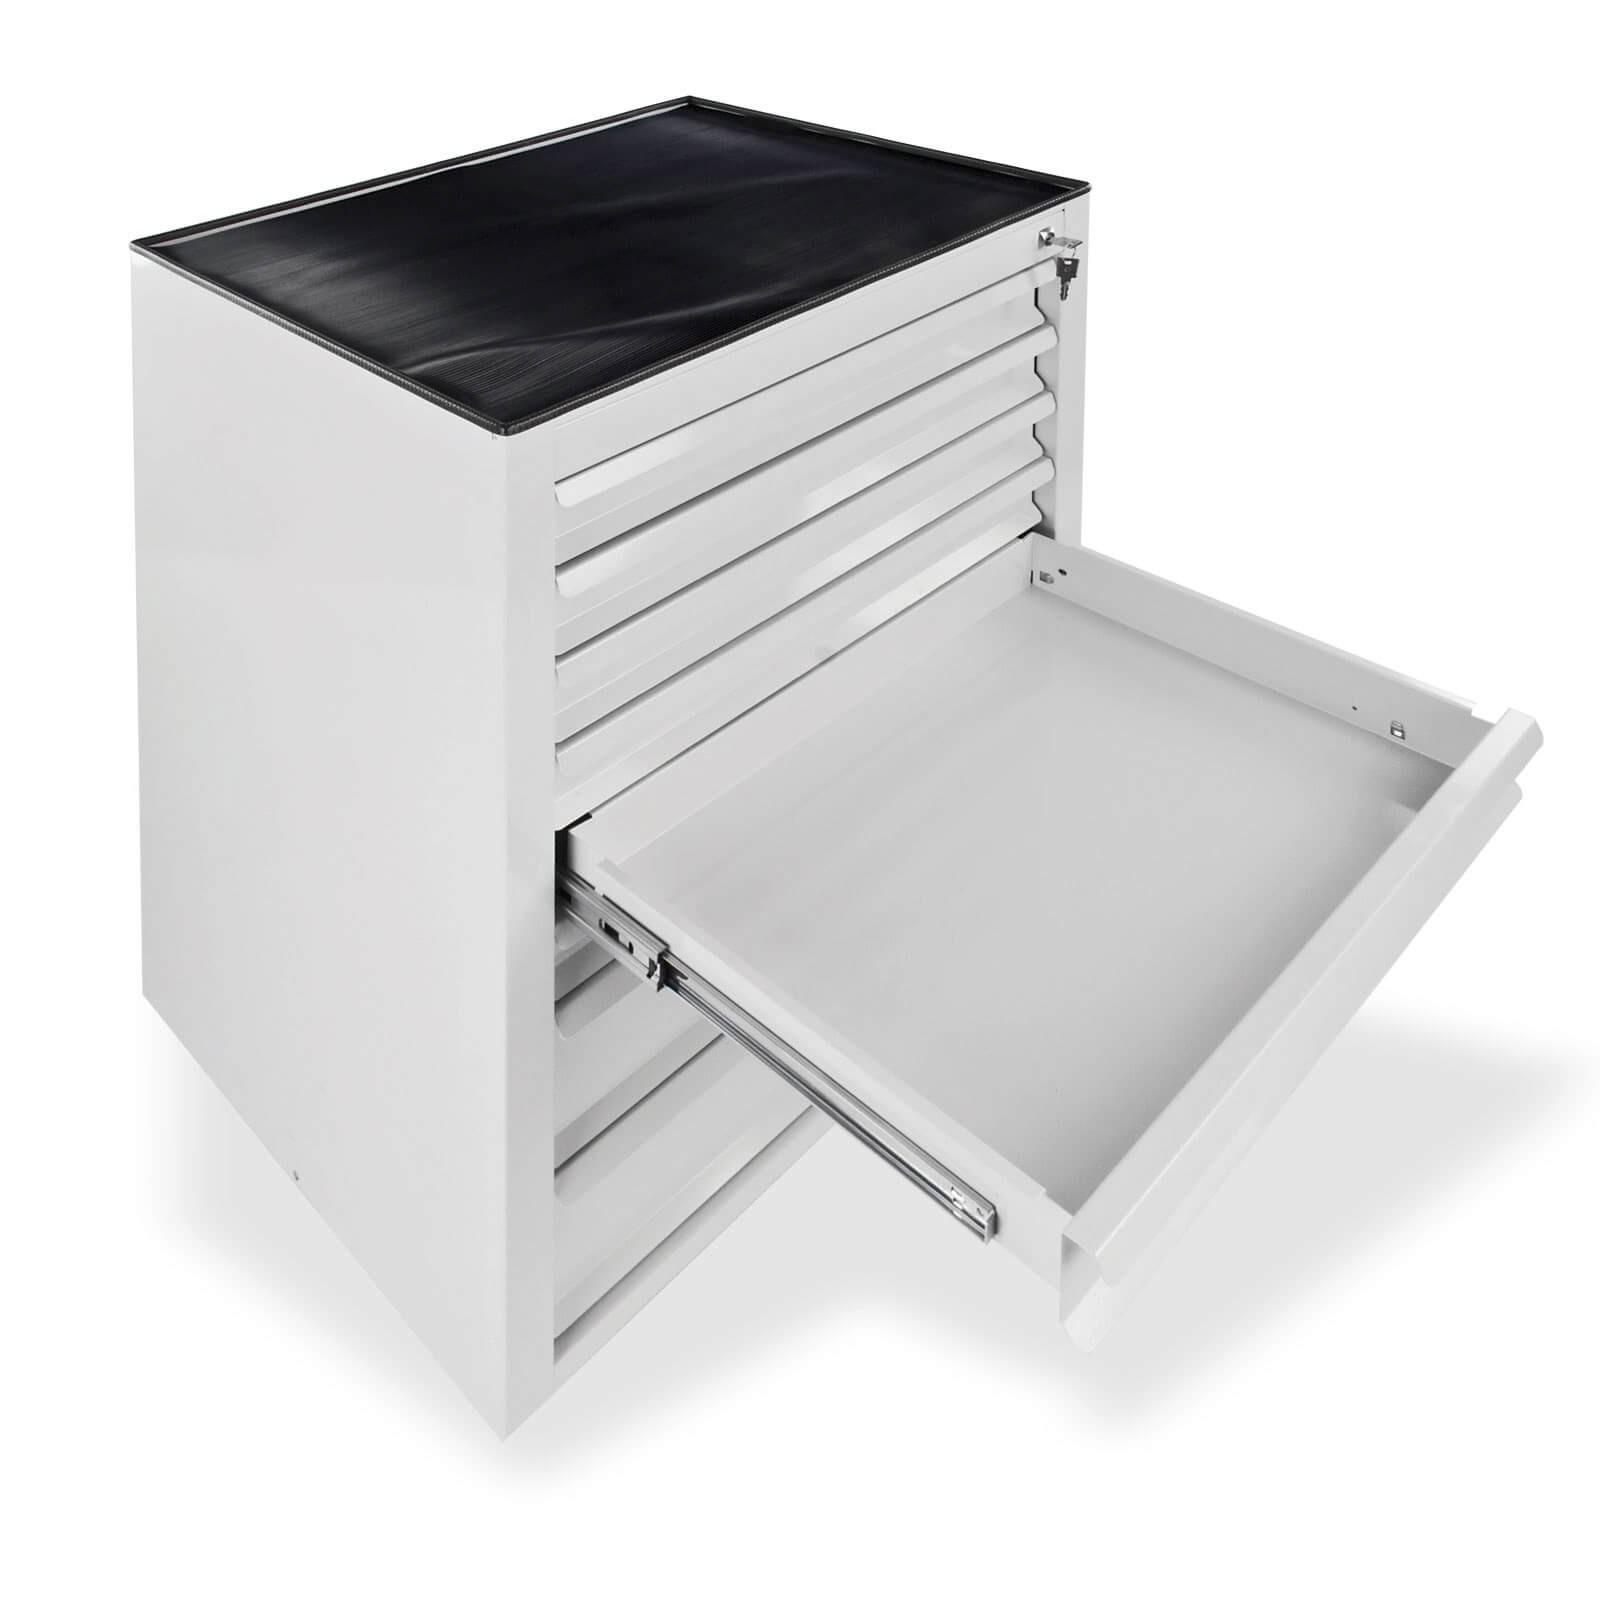 metall schubladenschrank werkzeugschrank fernando maxi 8 schubladen grau ebay. Black Bedroom Furniture Sets. Home Design Ideas